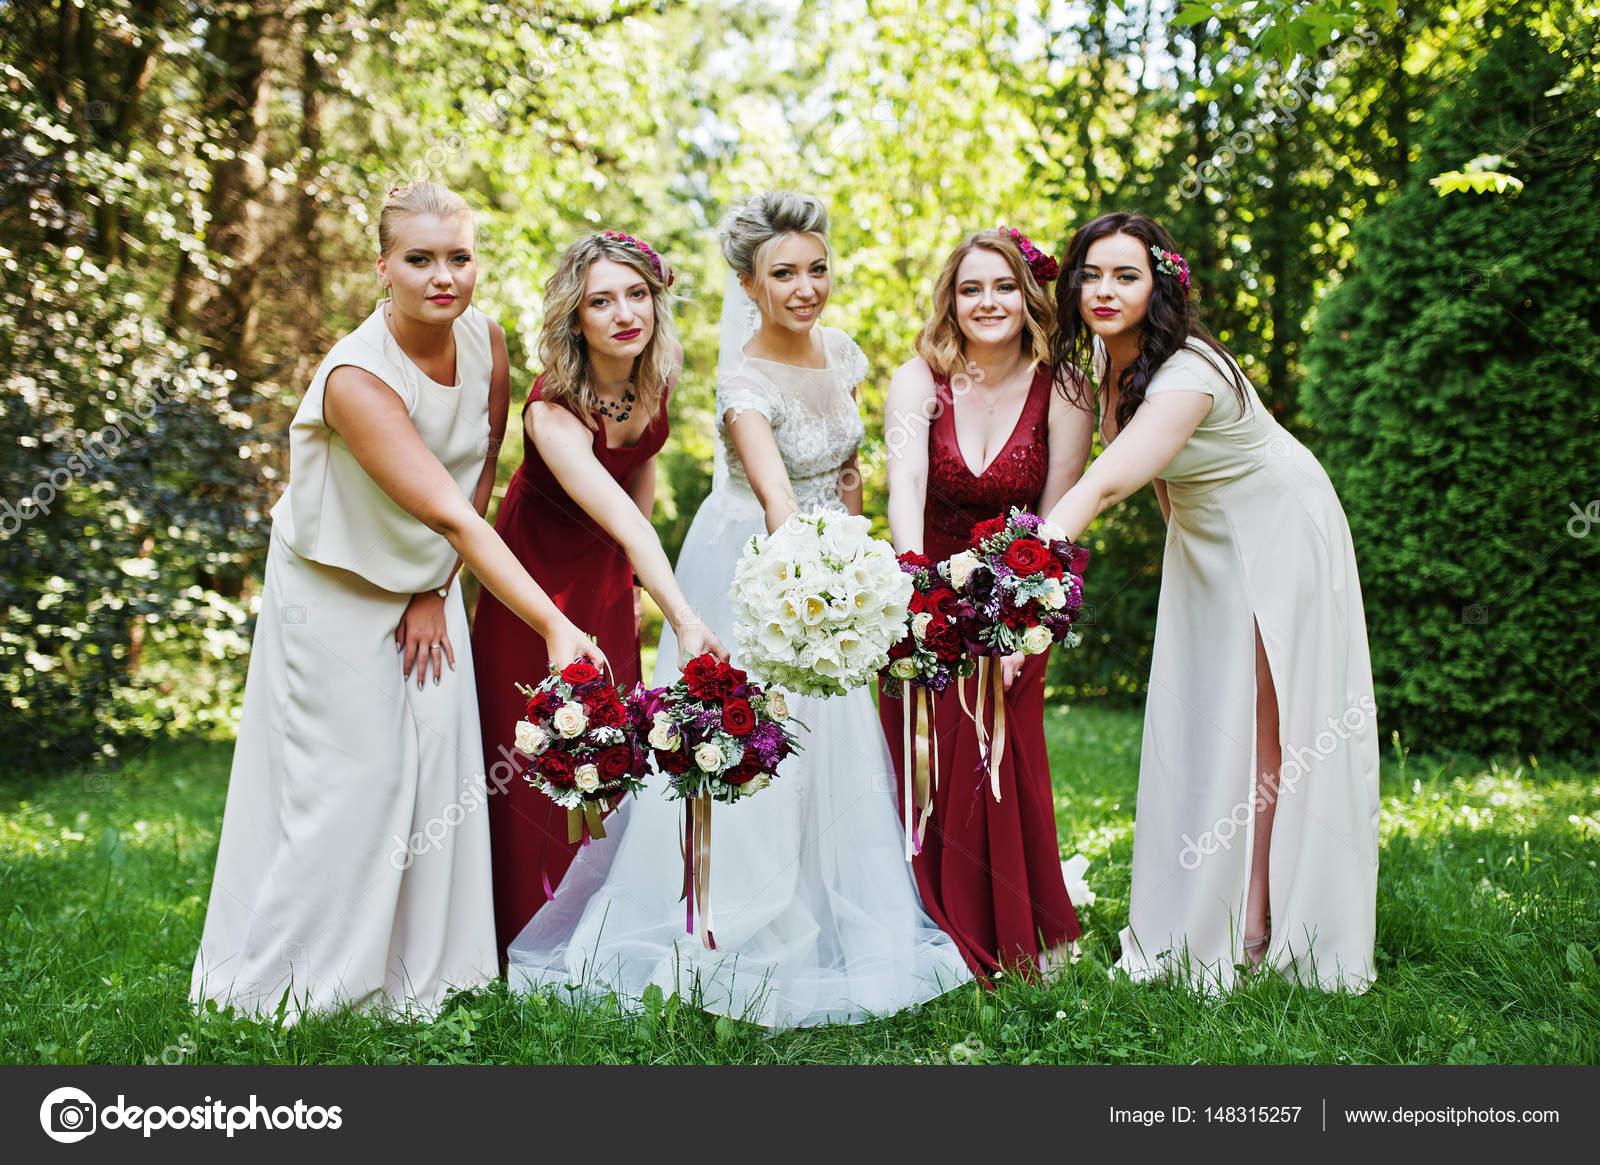 reputable site f73c4 c41e4 Splendida sposa bionda con quattro damigelle d'onore a dre ...